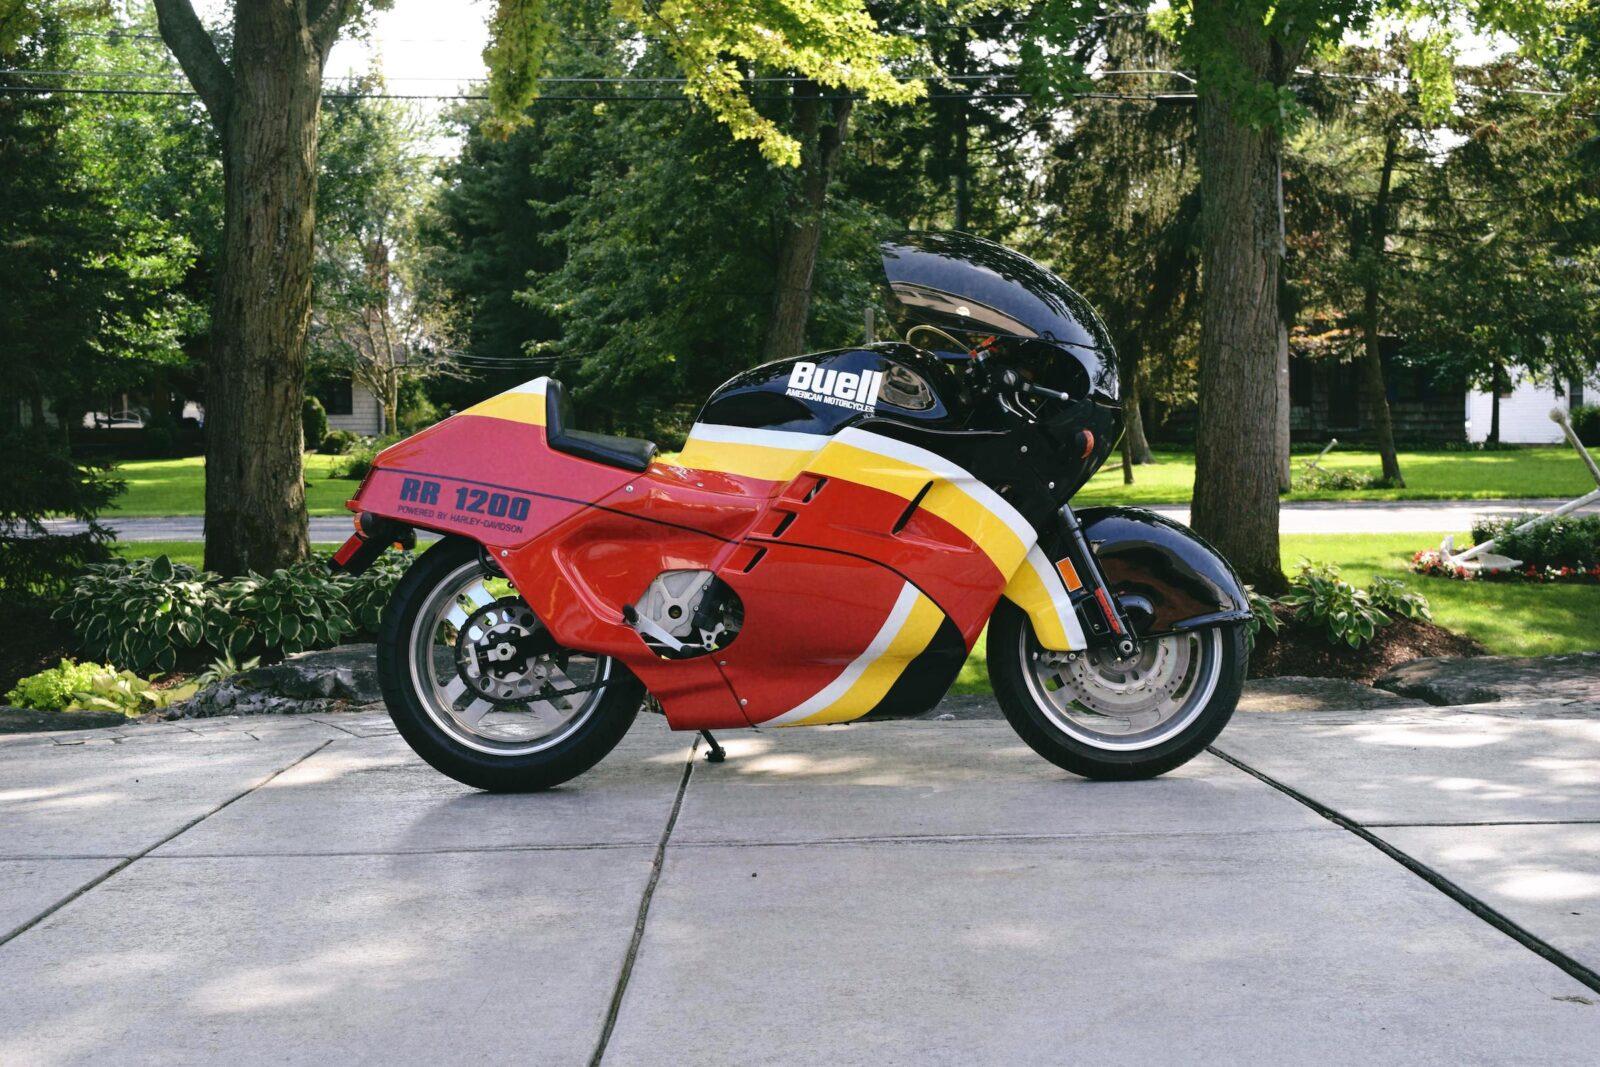 buell rr1200 battletwin motorcycle 4 1600x1067 - 1988 Buell RR1200 Battletwin